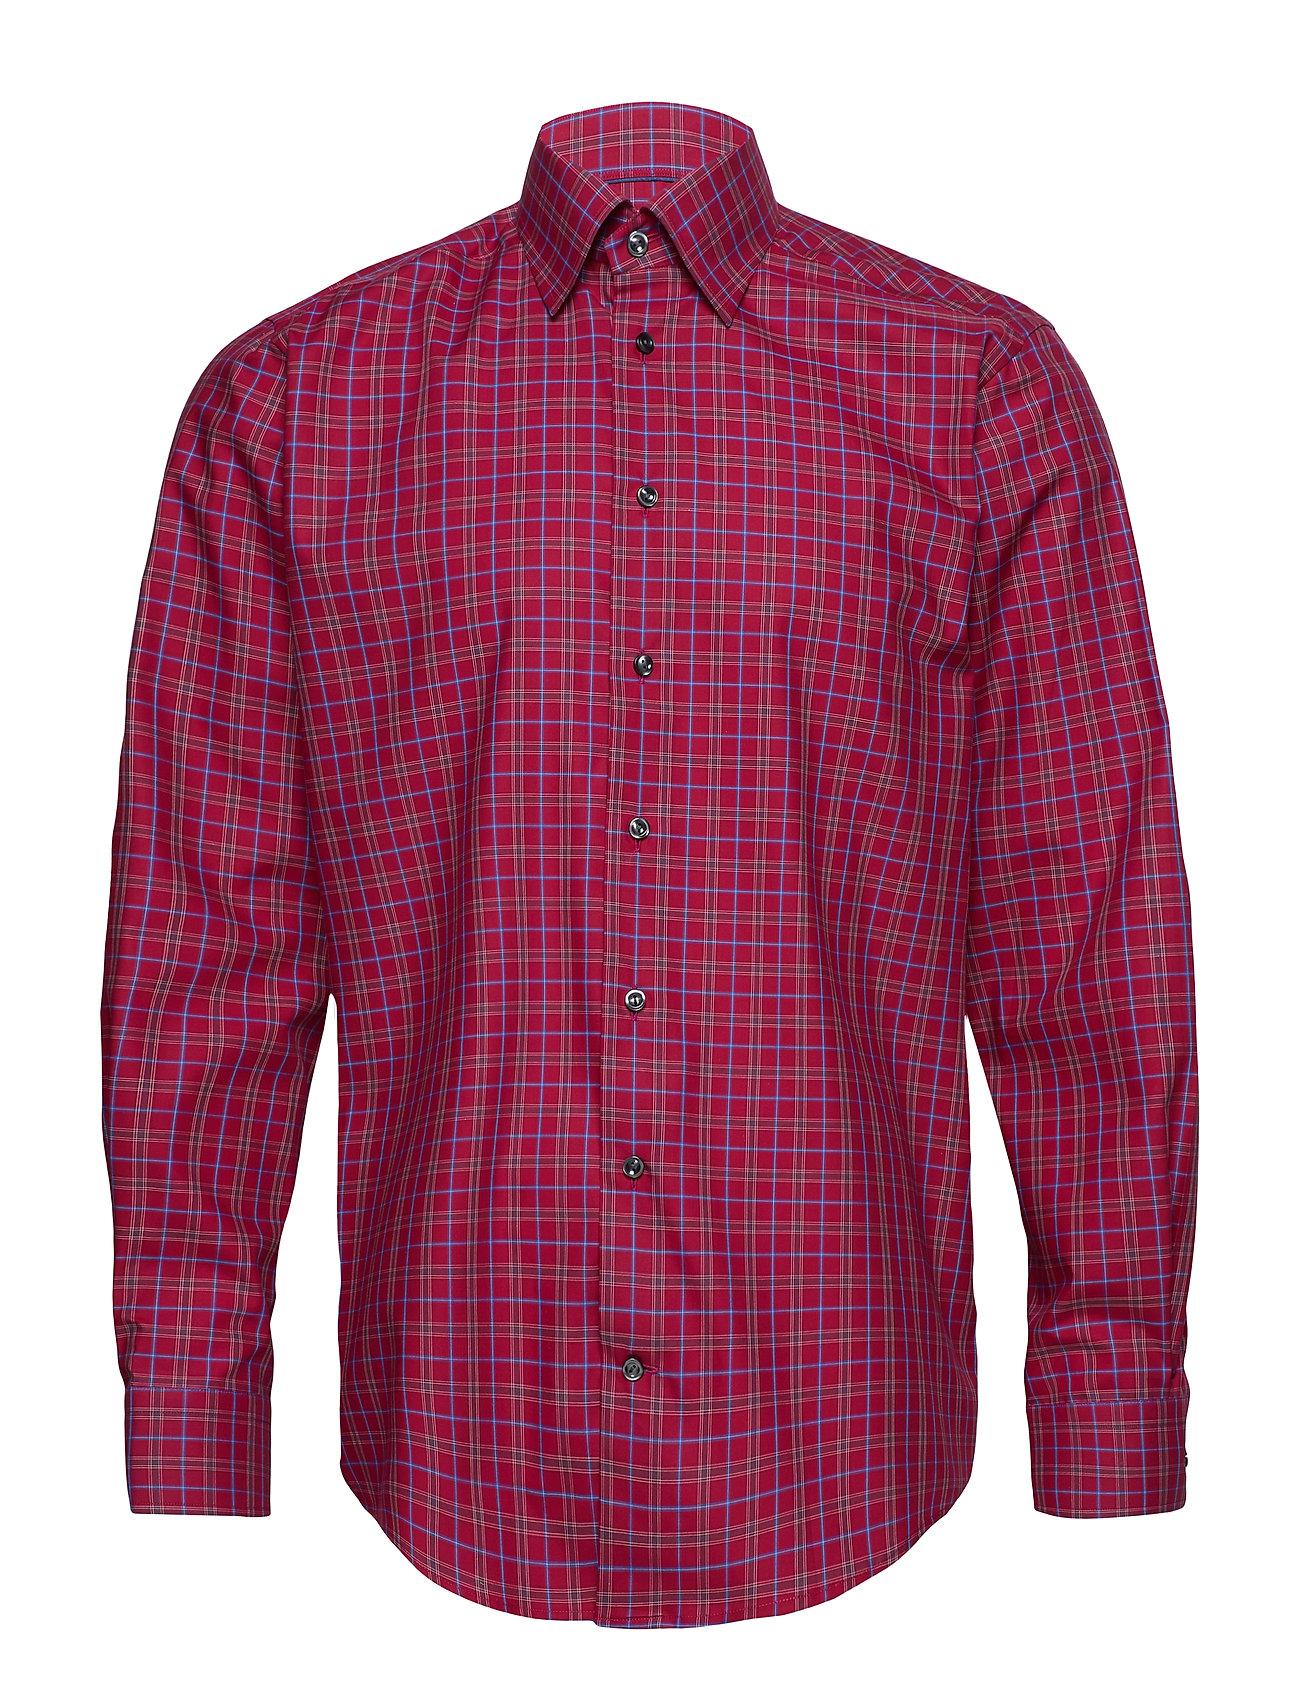 Eton Red Check Shirt - PINK/RED